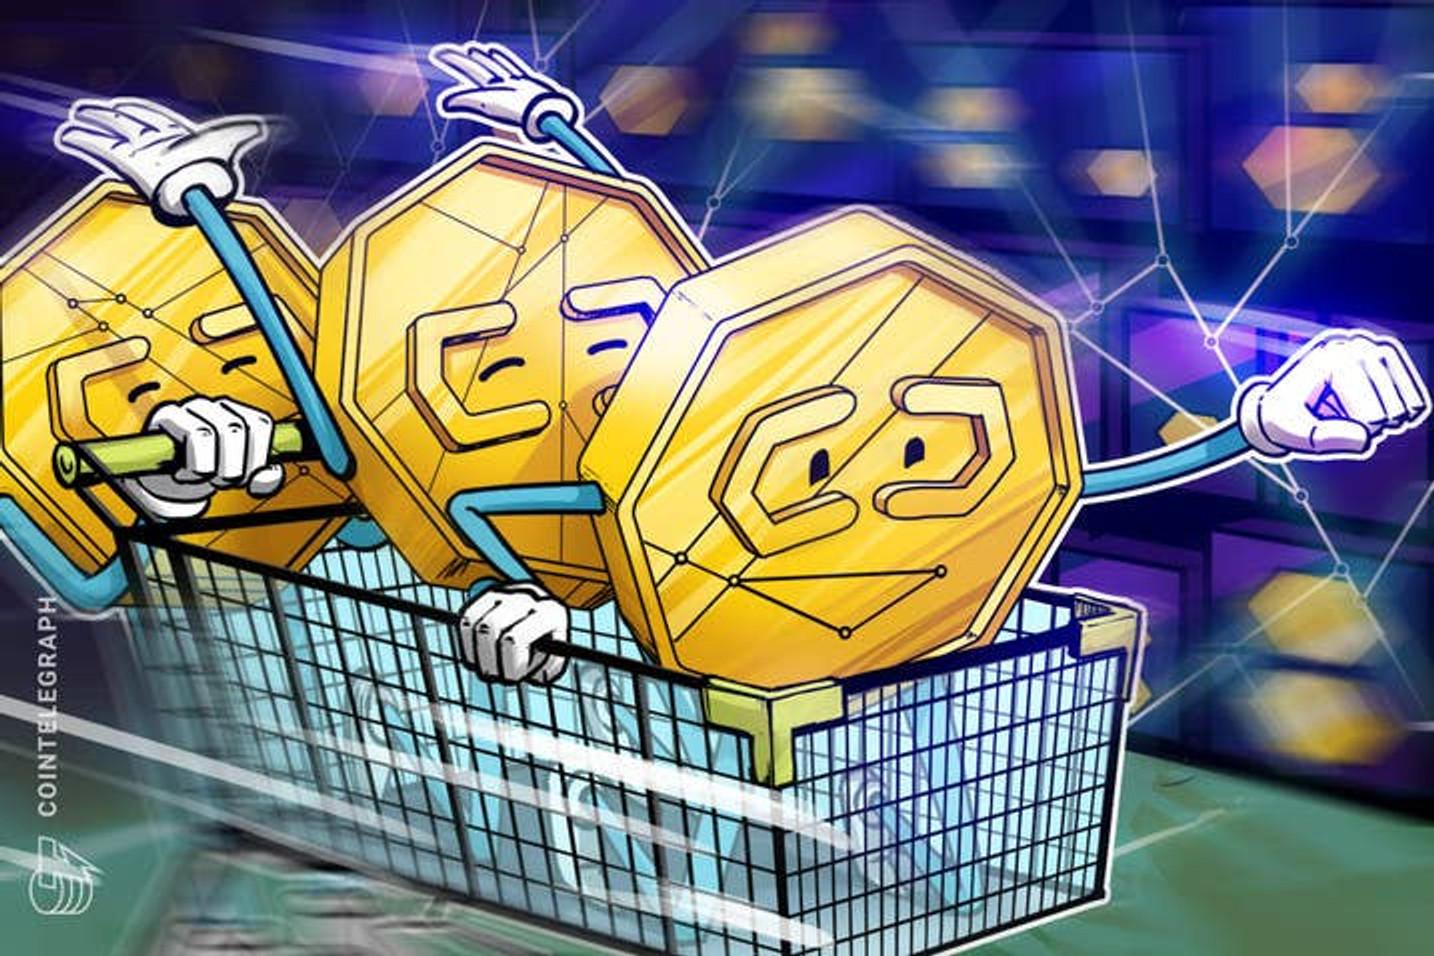 Analistas indicam Ethereum, Tezos, Uniswap e Pancake, enquanto alta no Bitcoin não convence e pode jogar o BTC a US$ 35 mil